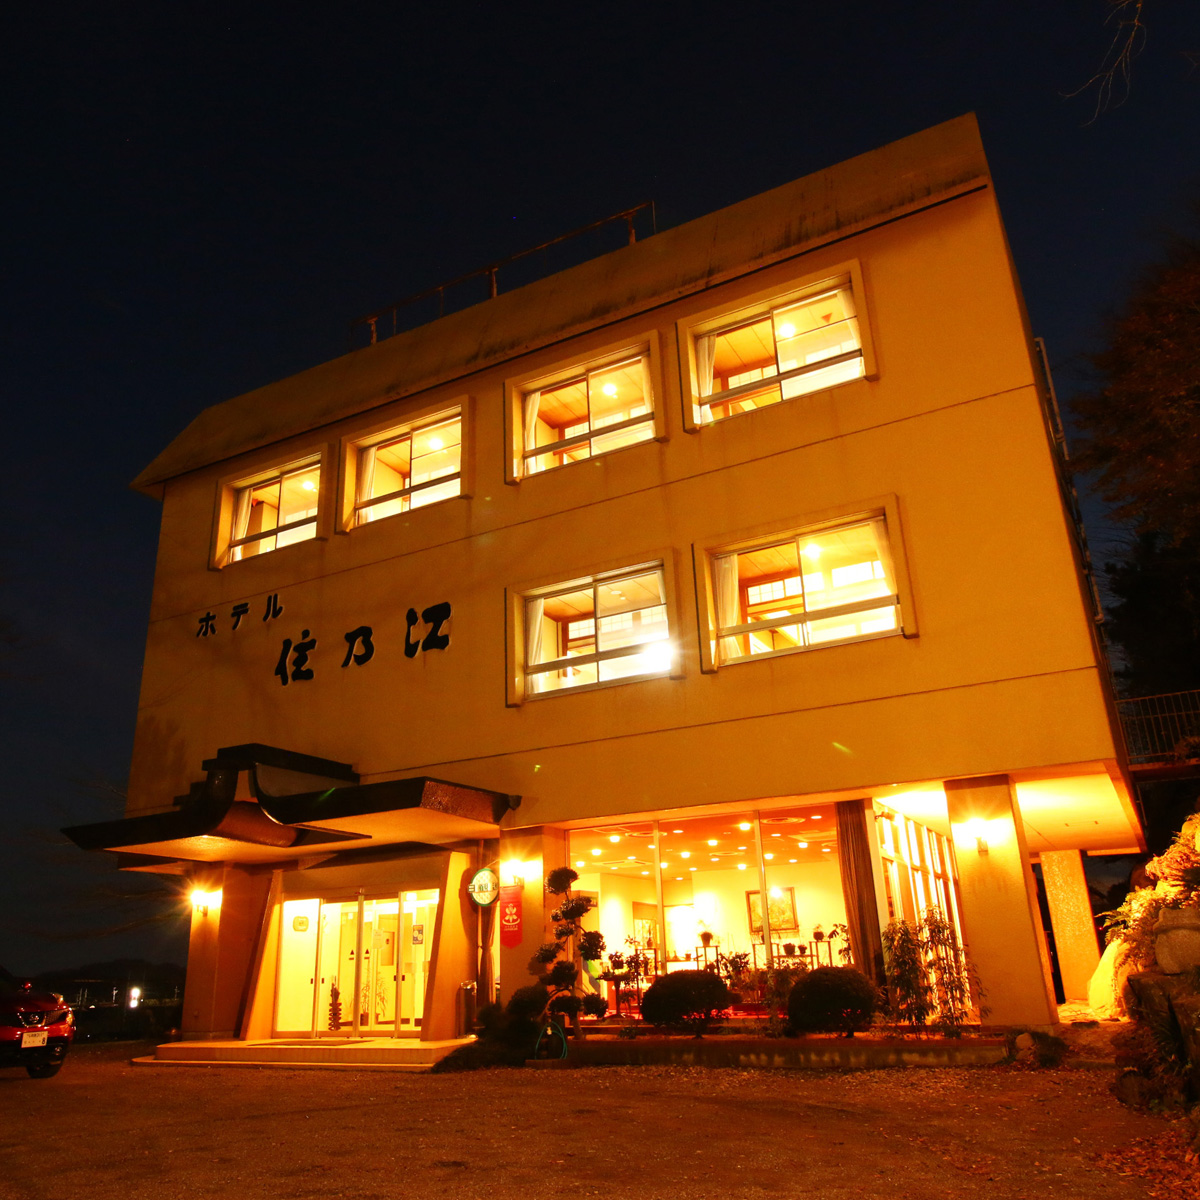 いわき湯本温泉 桜と欅の宿 住乃江...